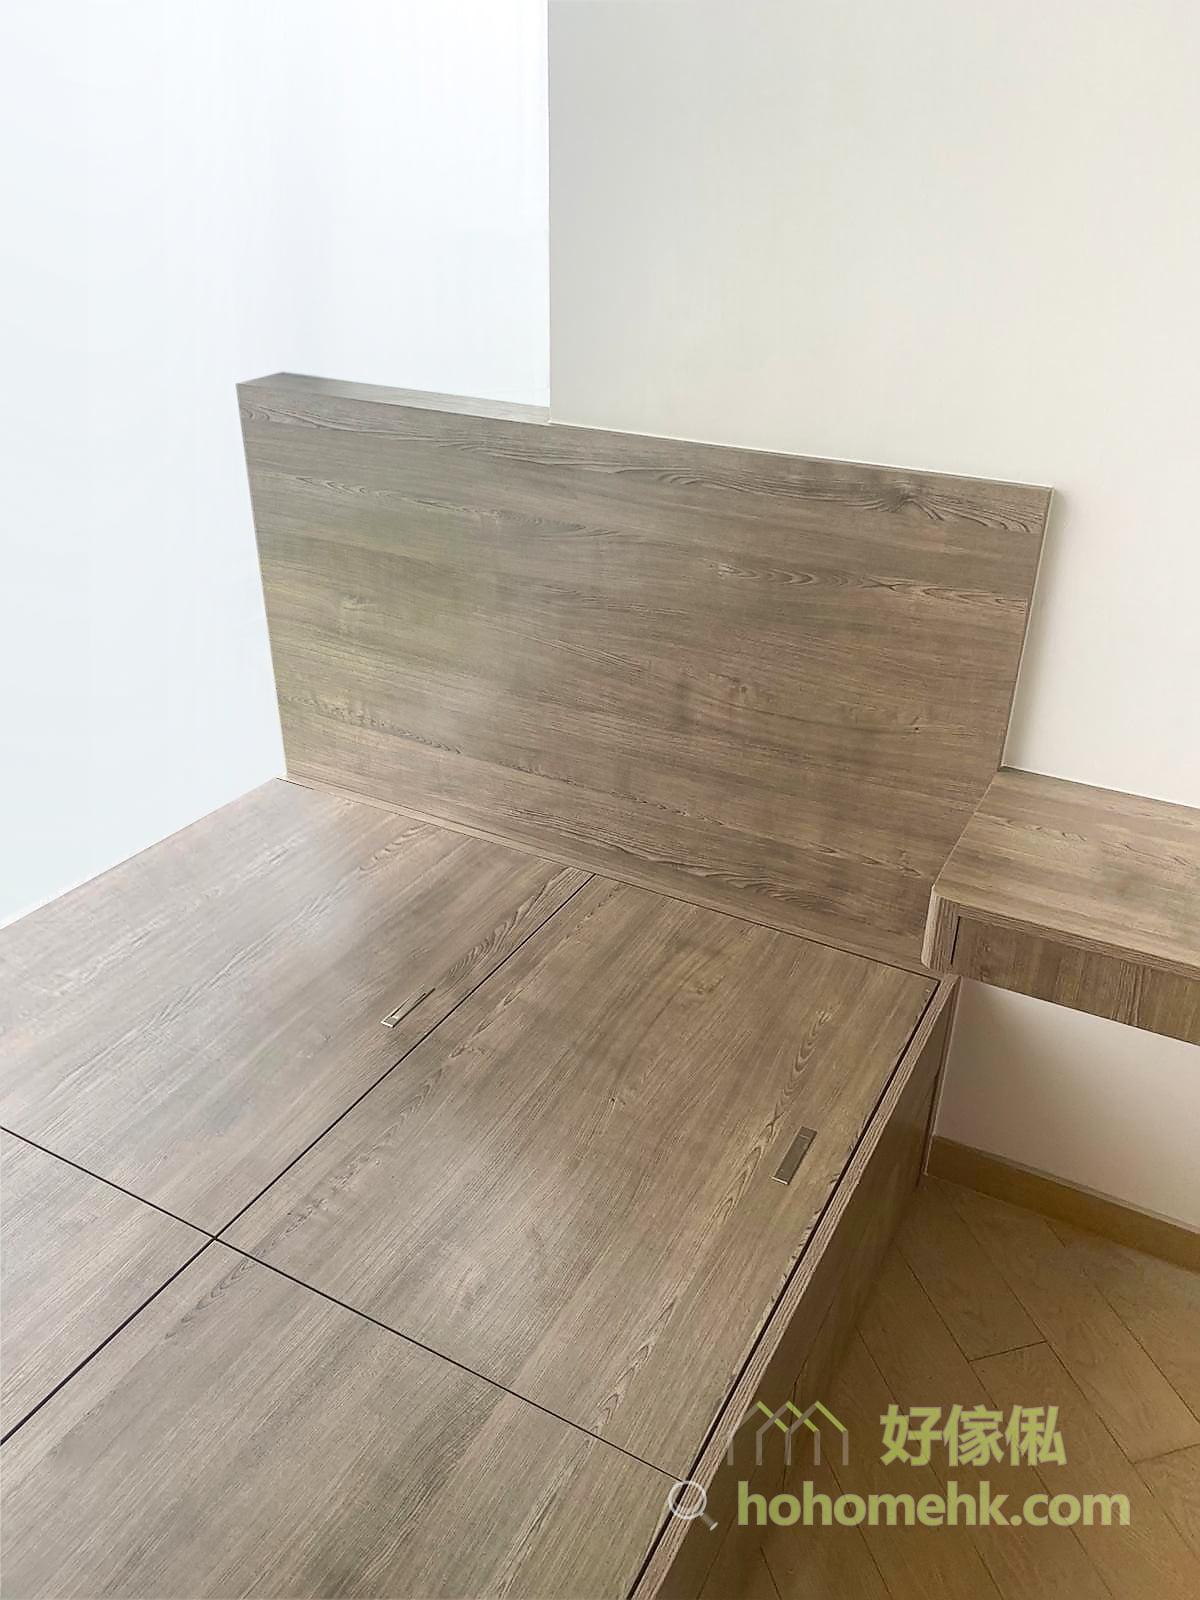 地台床有上翻式儲物空間, 向外那邊亦有抽屜, 適合不同需要